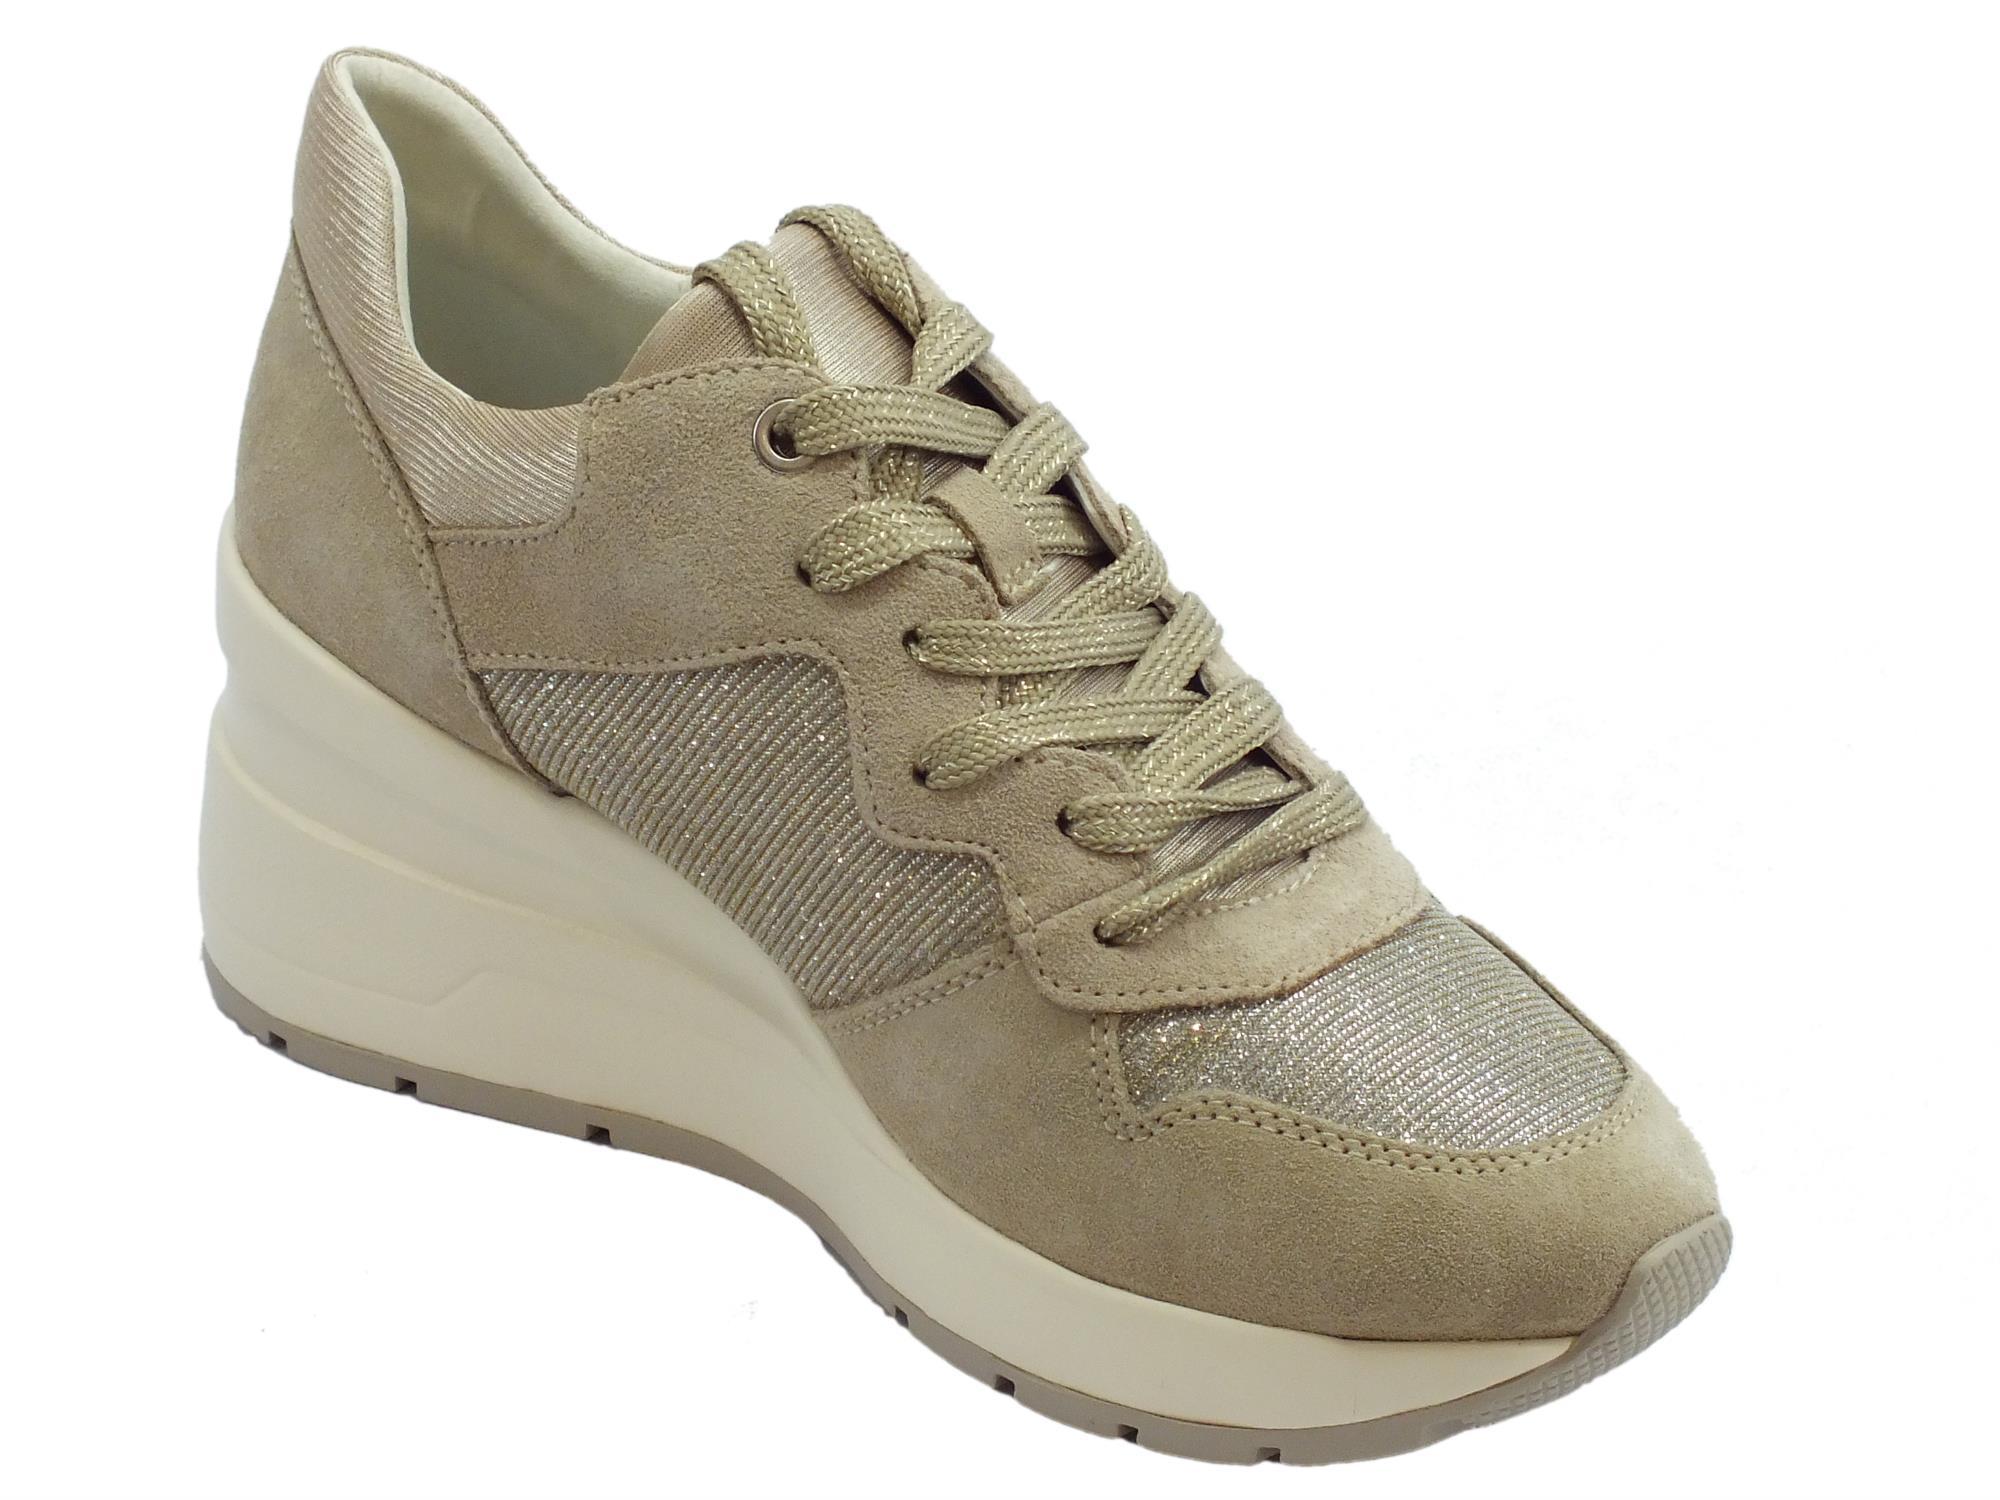 ... Sneakers Geox per donna in camoscio taupe e glitter argento zeppa alta  ... 4145789d449